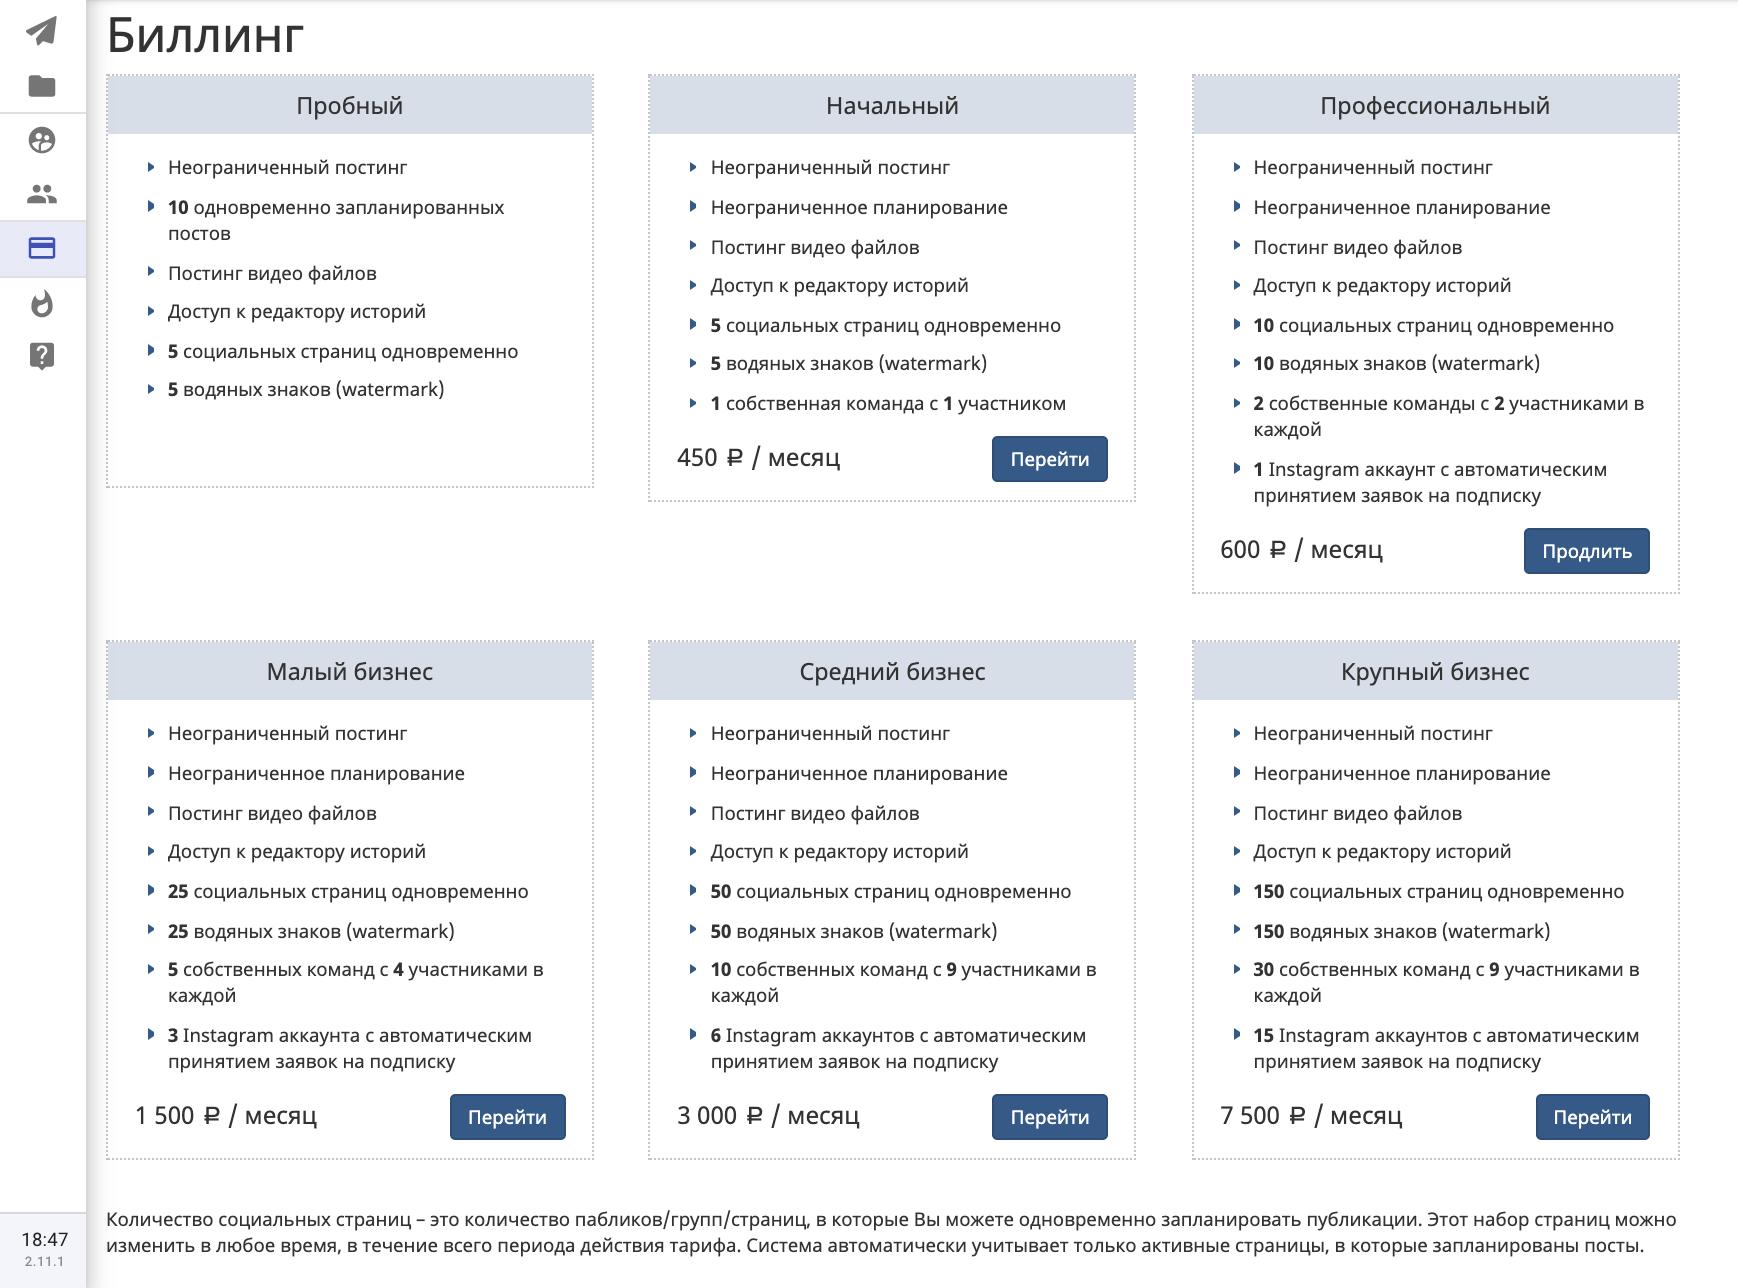 Тарифы SMMplanner